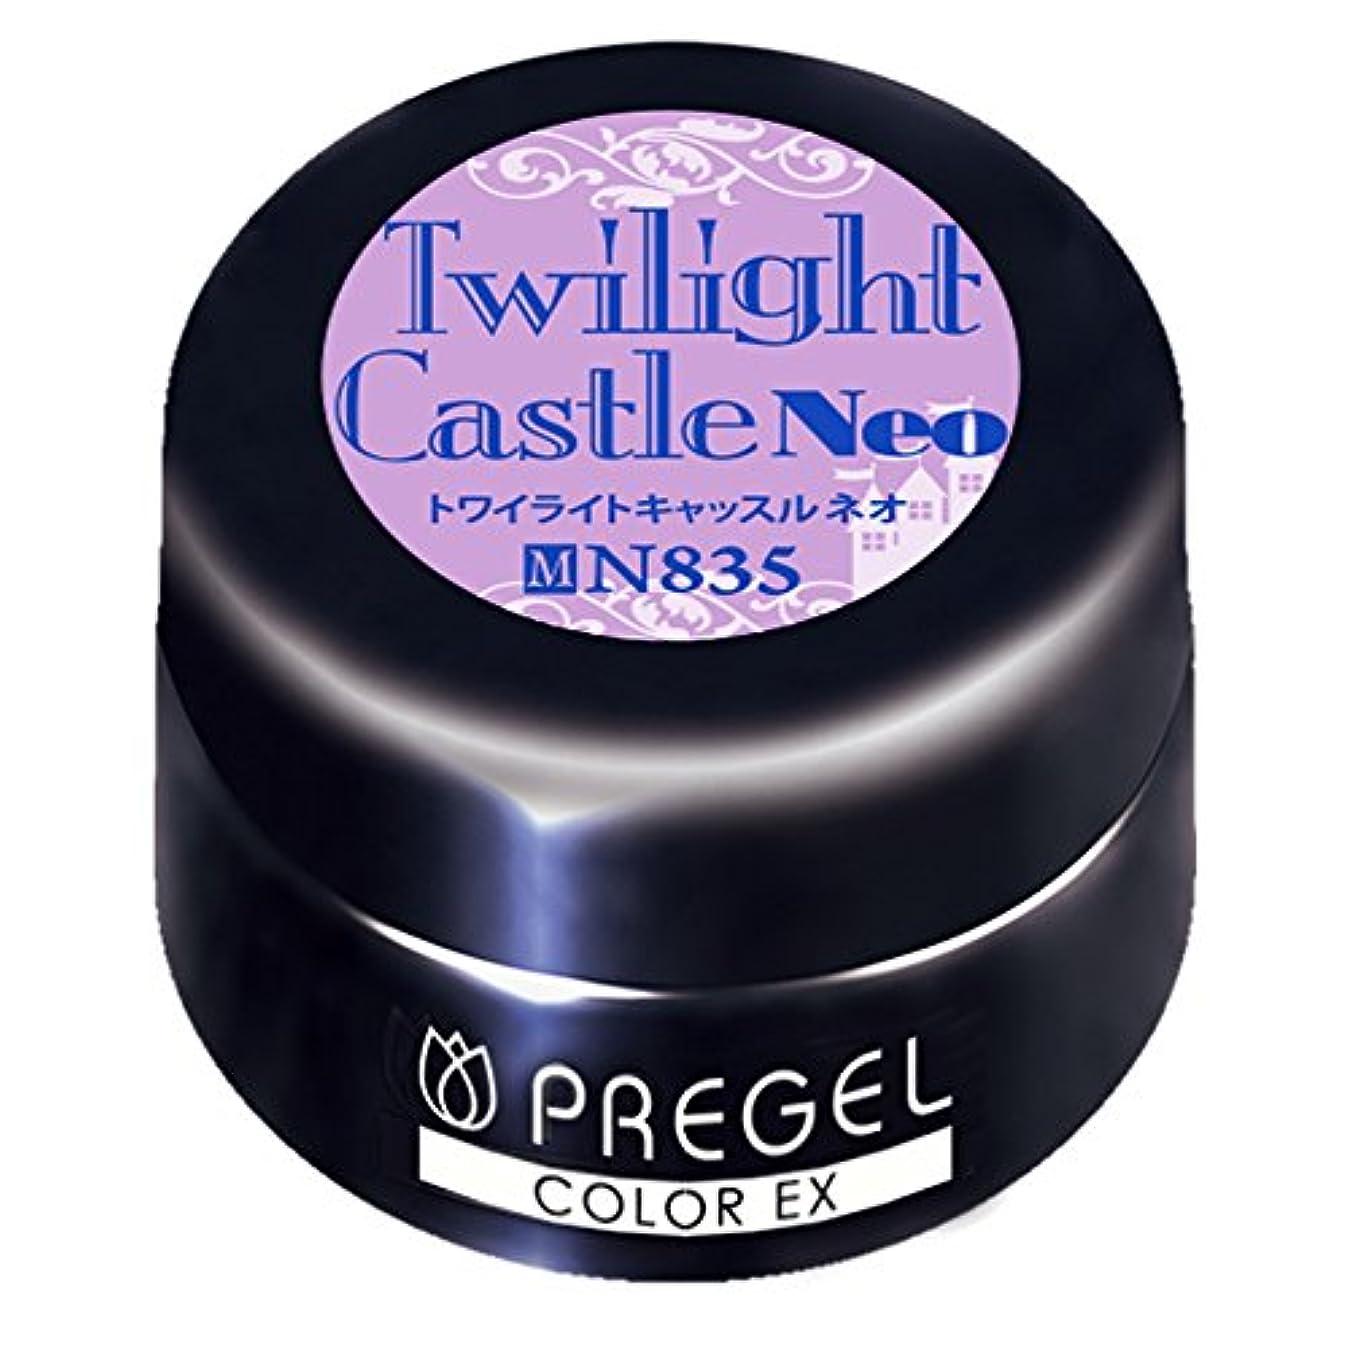 ストレスの多いペチュランス文明化するPRE GEL カラーEX トワイライトキャッスルneo835 3g UV/LED対応